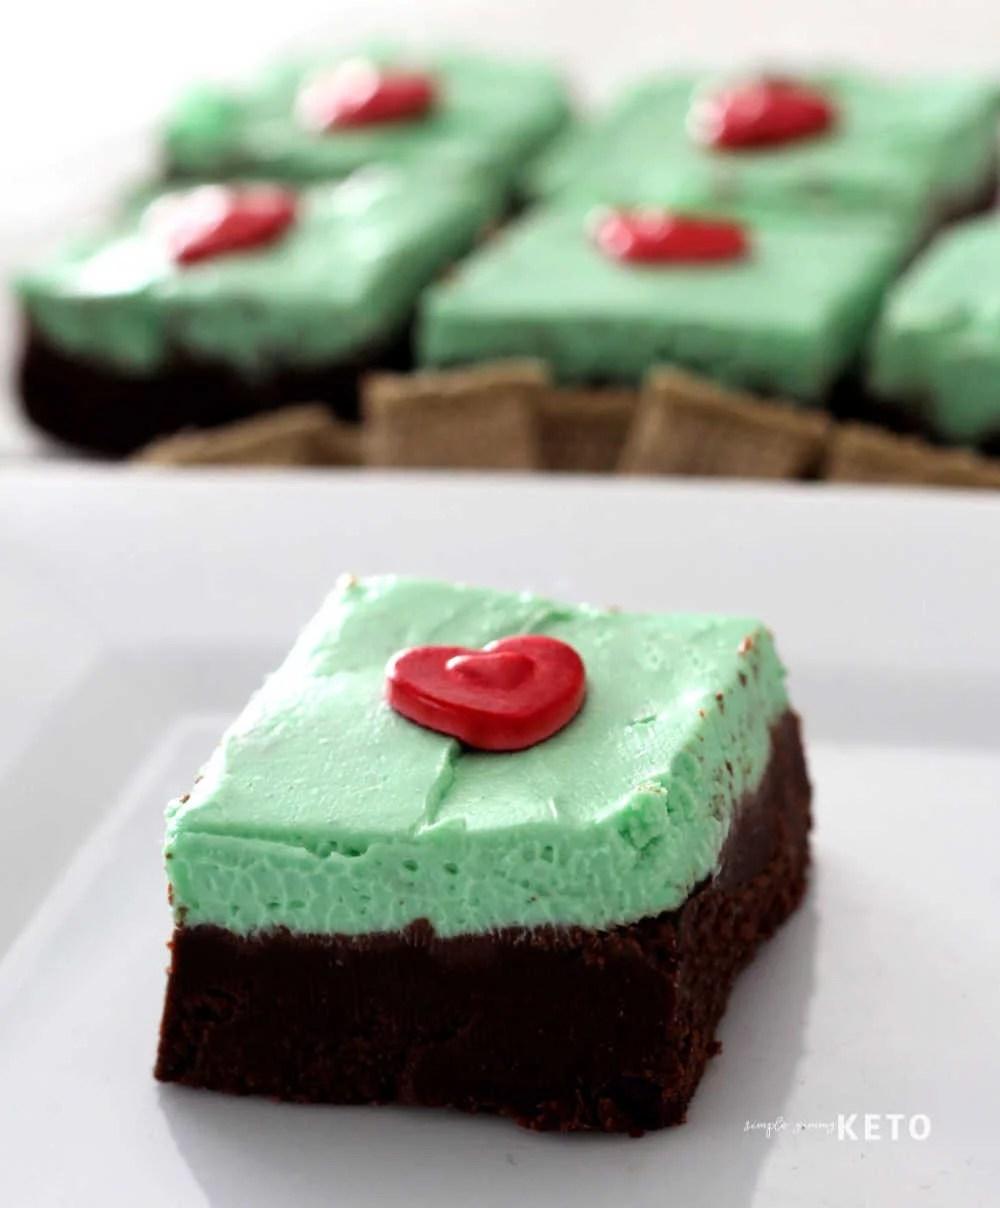 festive Keto Christmas dessert recipe